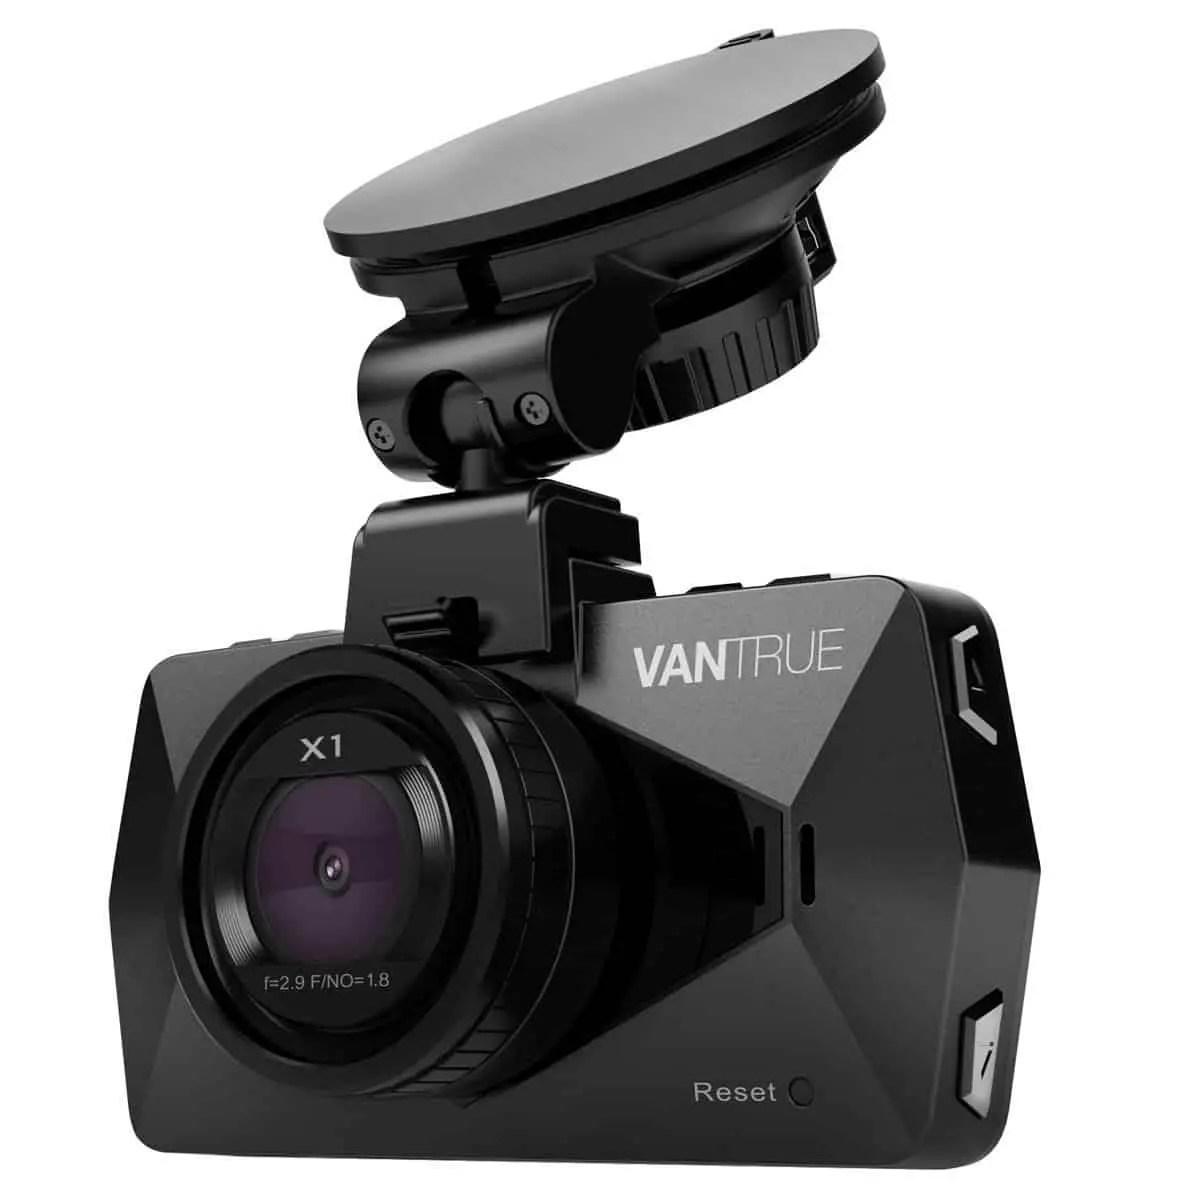 Vantrue X1 Car Dash Camera Review